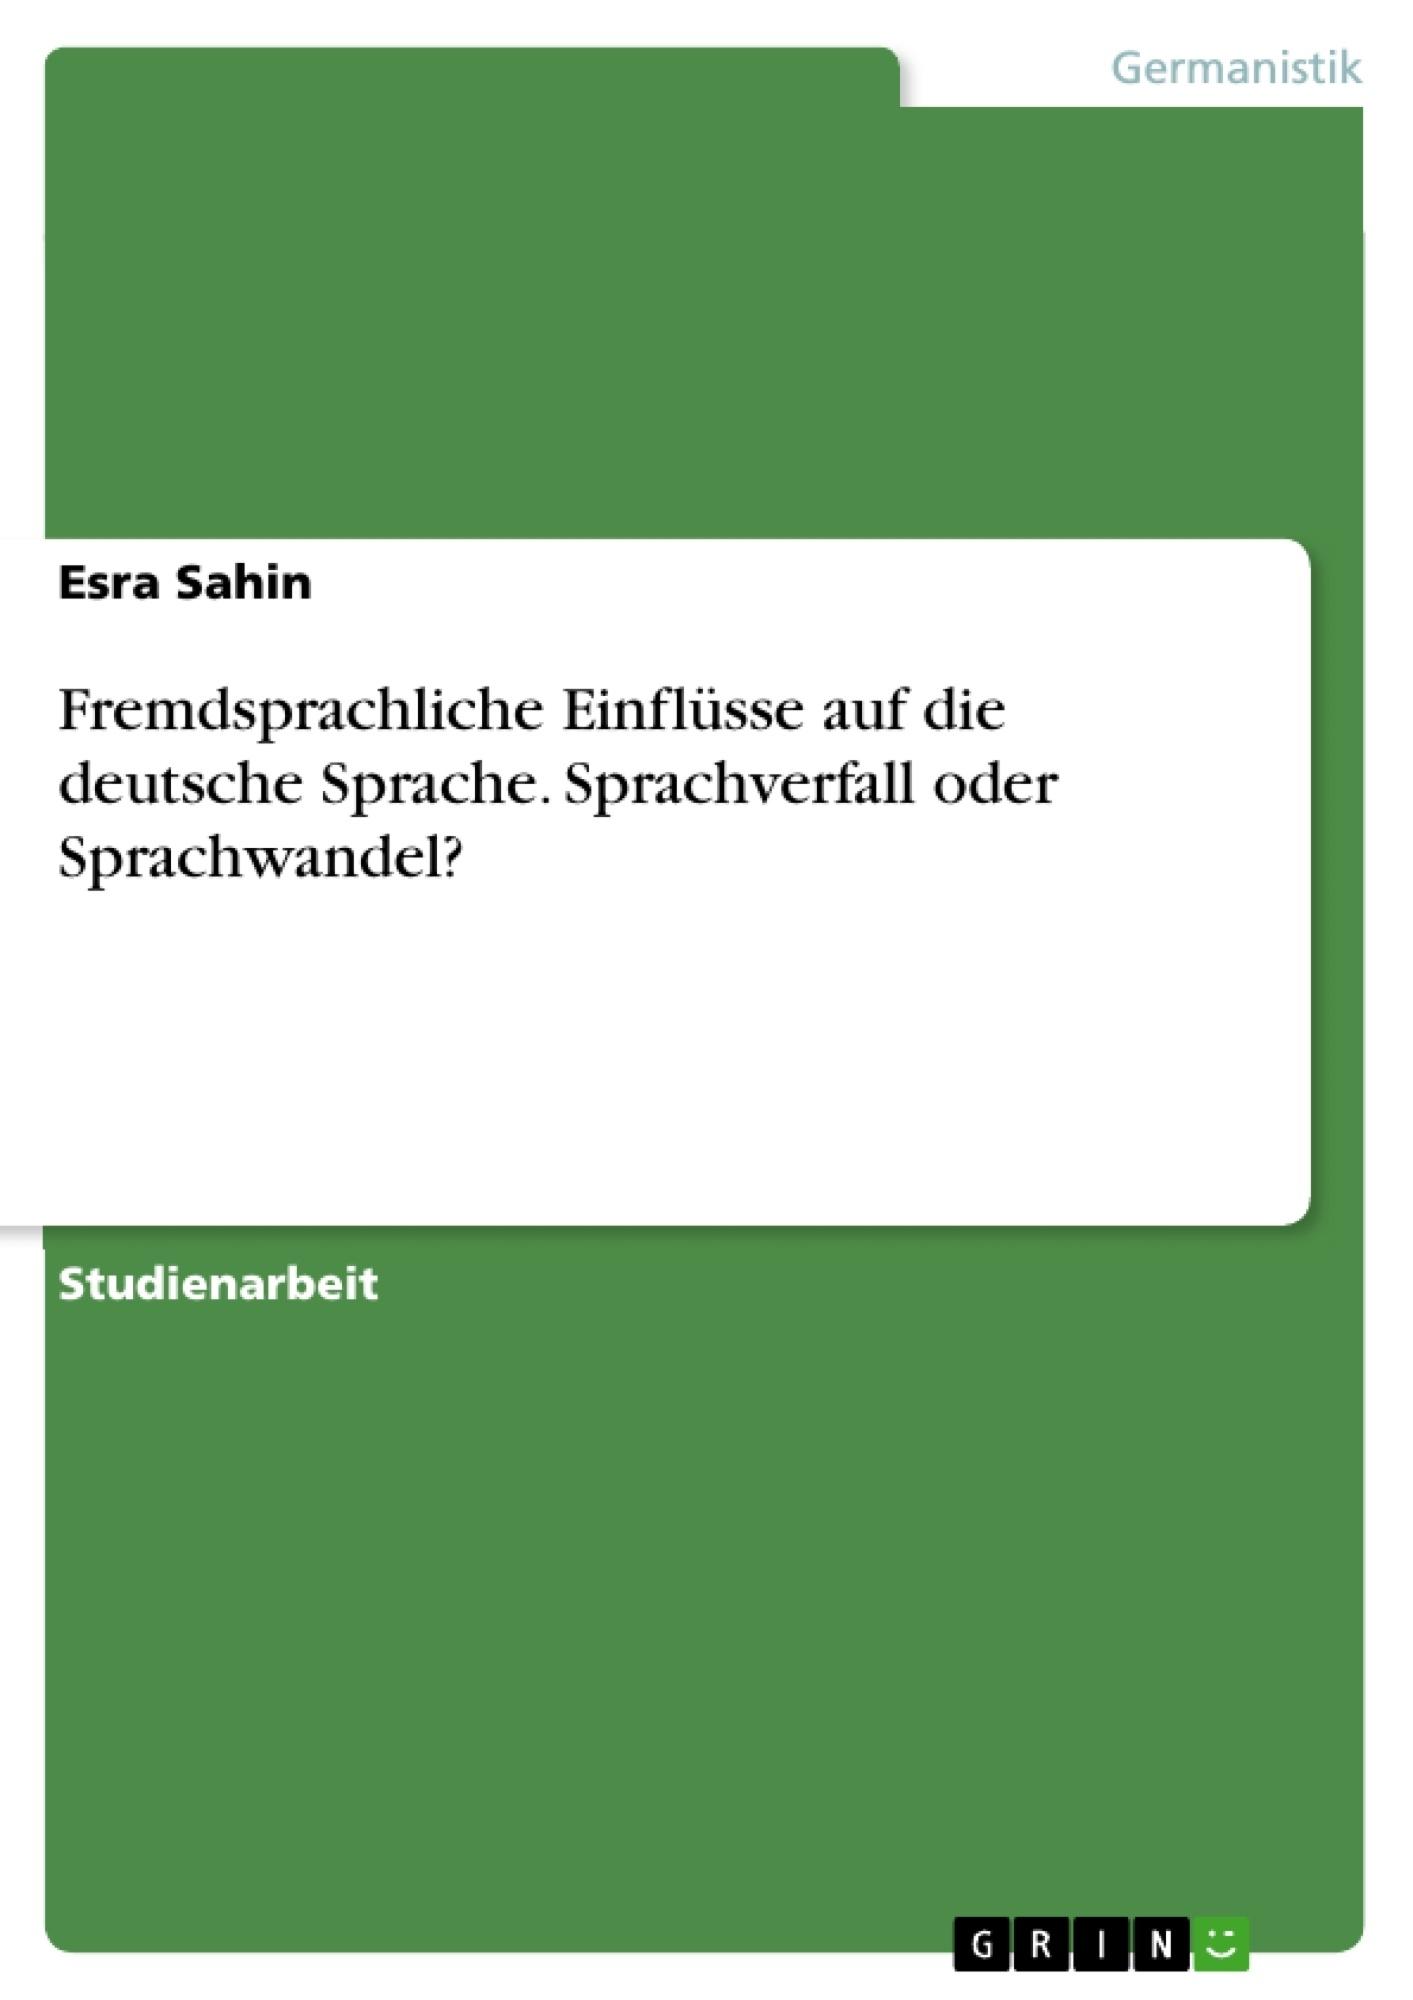 Titel: Fremdsprachliche Einflüsse auf die deutsche Sprache. Sprachverfall oder Sprachwandel?